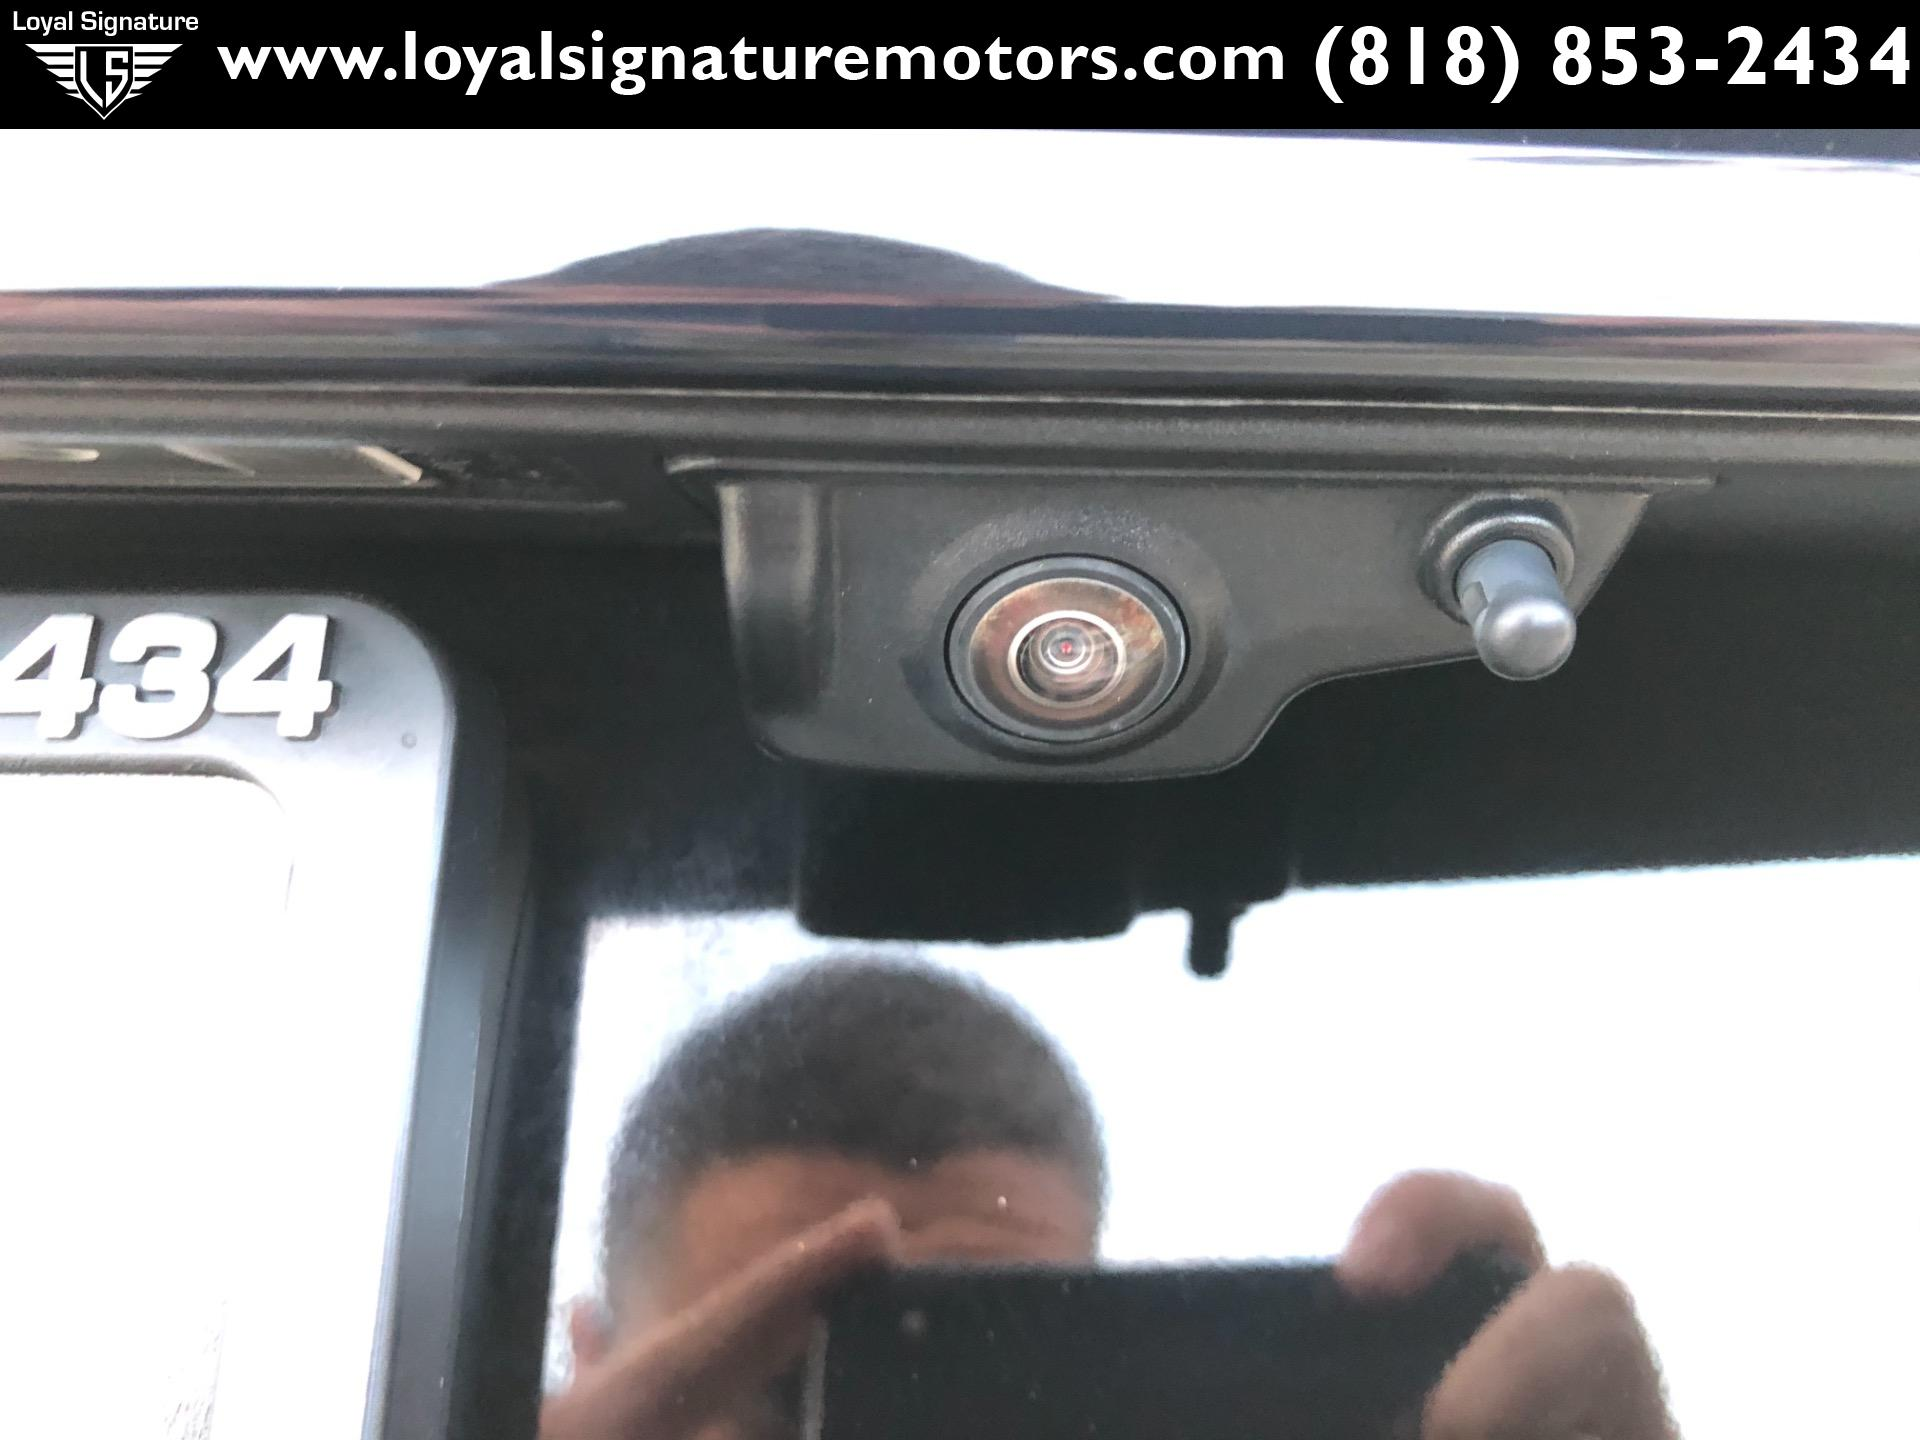 Used-2018-Land-Rover-Range-Rover-Velar-P380-R-Dynamic-SE